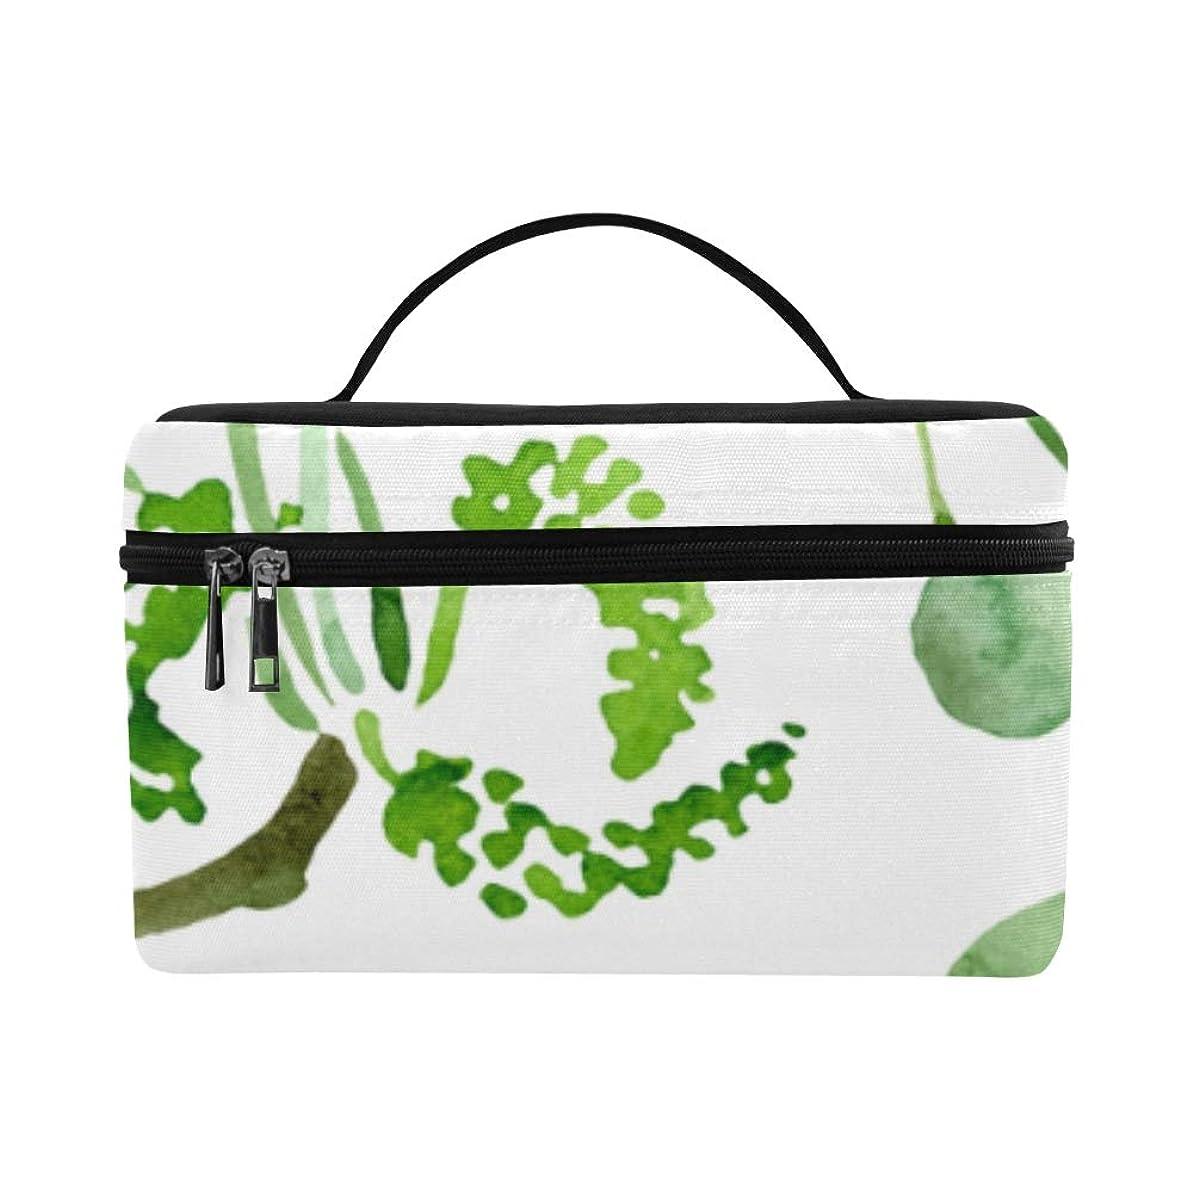 仕える余分なリースKWESG メイクボックス 緑 イチョウの葉 コスメ収納 化粧品収納ケース 大容量 収納ボックス 化粧品入れ 化粧バッグ 旅行用 メイクブラシバッグ 化粧箱 持ち運び便利 プロ用